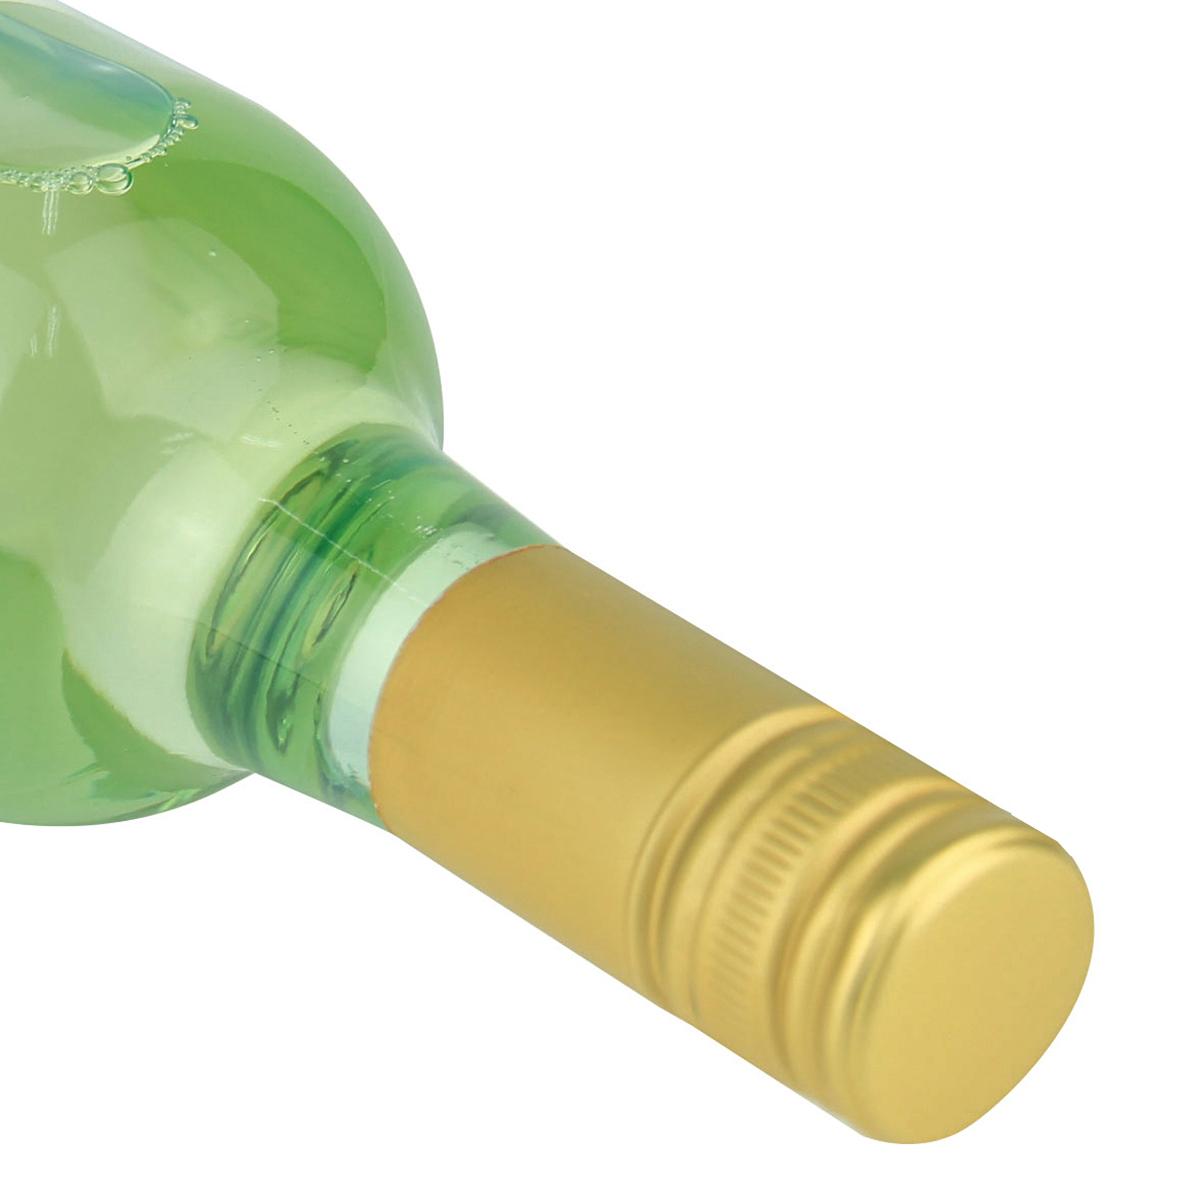 澳大利亞亨蒂產區亨蒂酒園夢幻屋莫斯卡托甜白低起泡酒